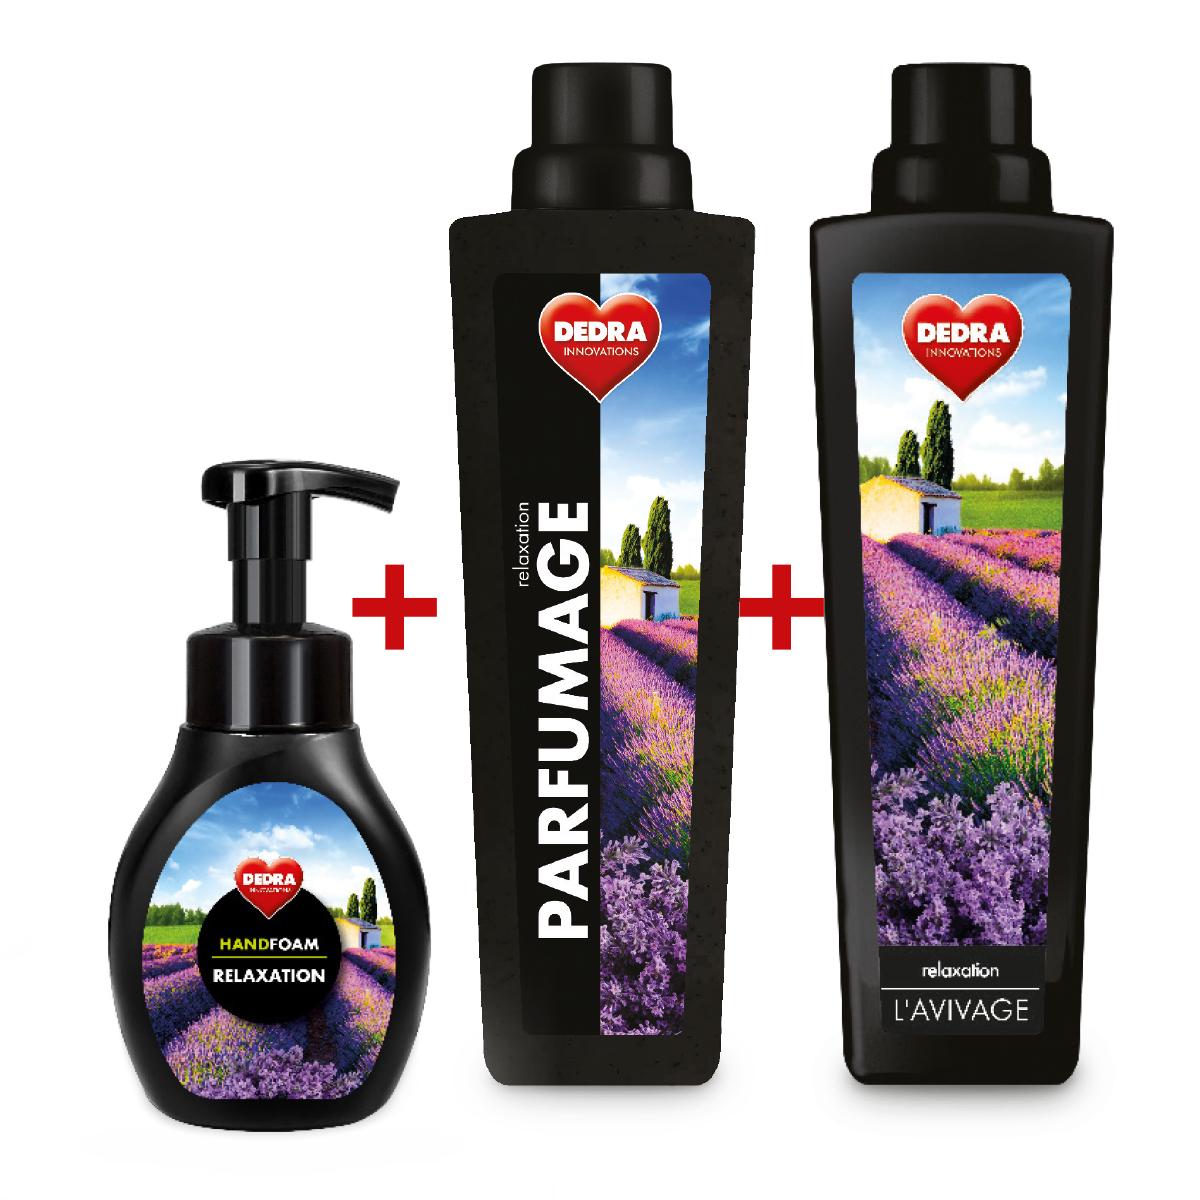 SADA RELAXATION 2+1 ZDARMA, pěnové mýdlo na ruce, parfémový super-koncetrát + avivážní kondicionér